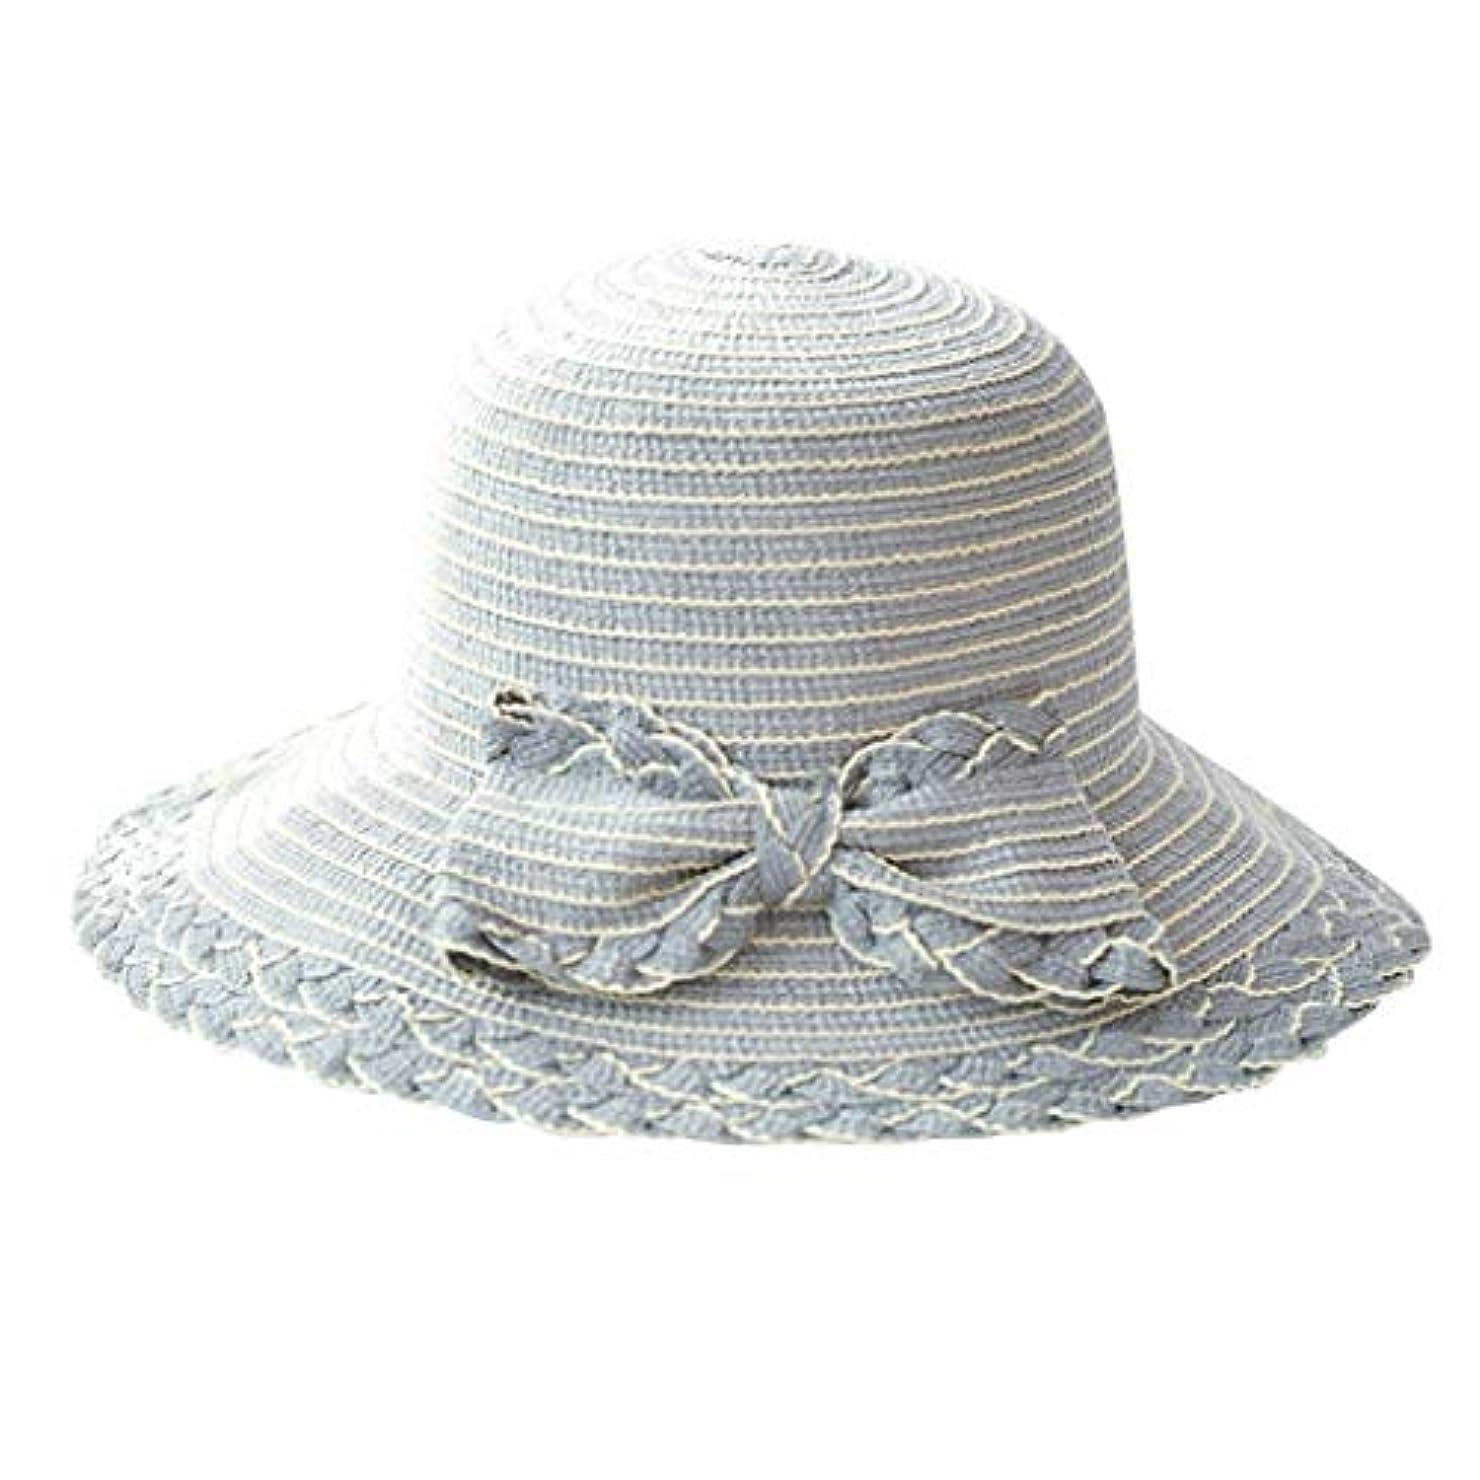 葉を拾う振り返るテレビ夏 帽子 レディース UVカット 帽子 ハット レディース 日よけ 夏季 女優帽 日よけ 日焼け 折りたたみ 持ち運び つば広 吸汗通気 ハット レディース 紫外線対策 小顔効果 ワイヤー入る ハット ROSE ROMAN